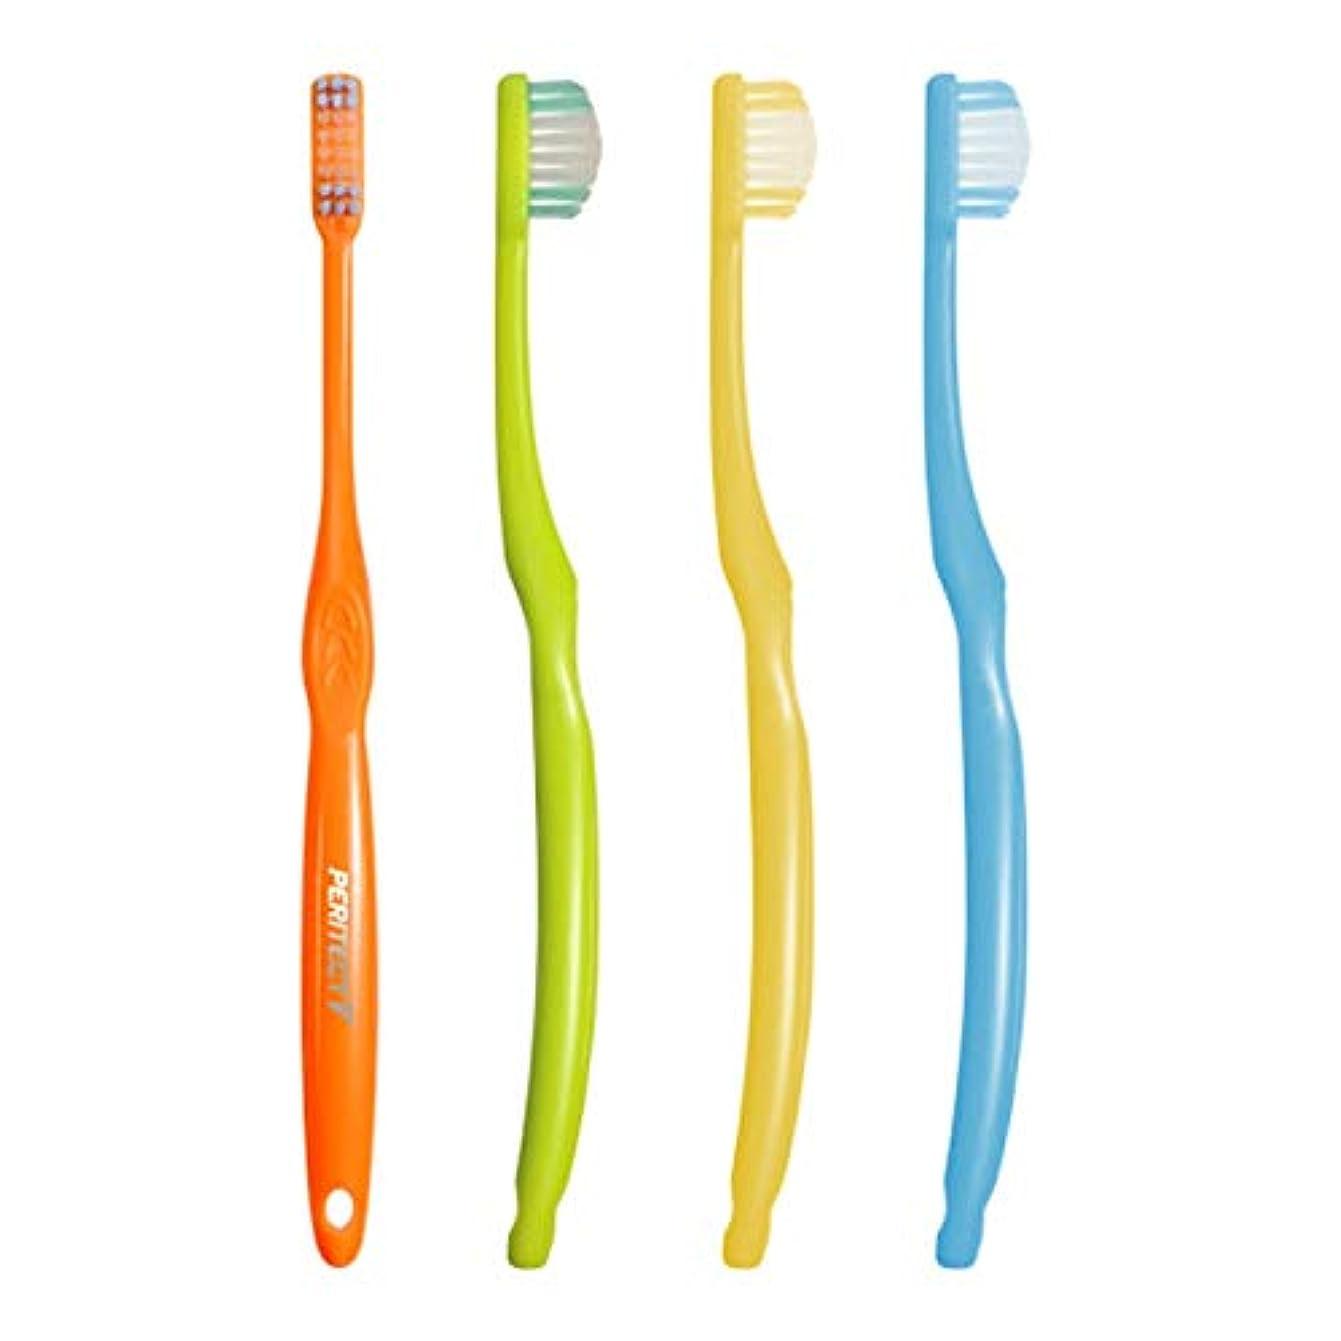 フォアマンそばにかもめビーブランド PERITECT V ペリテクト ブイ 6M(やわらかめ)×1本 歯ブラシ 歯科専売品